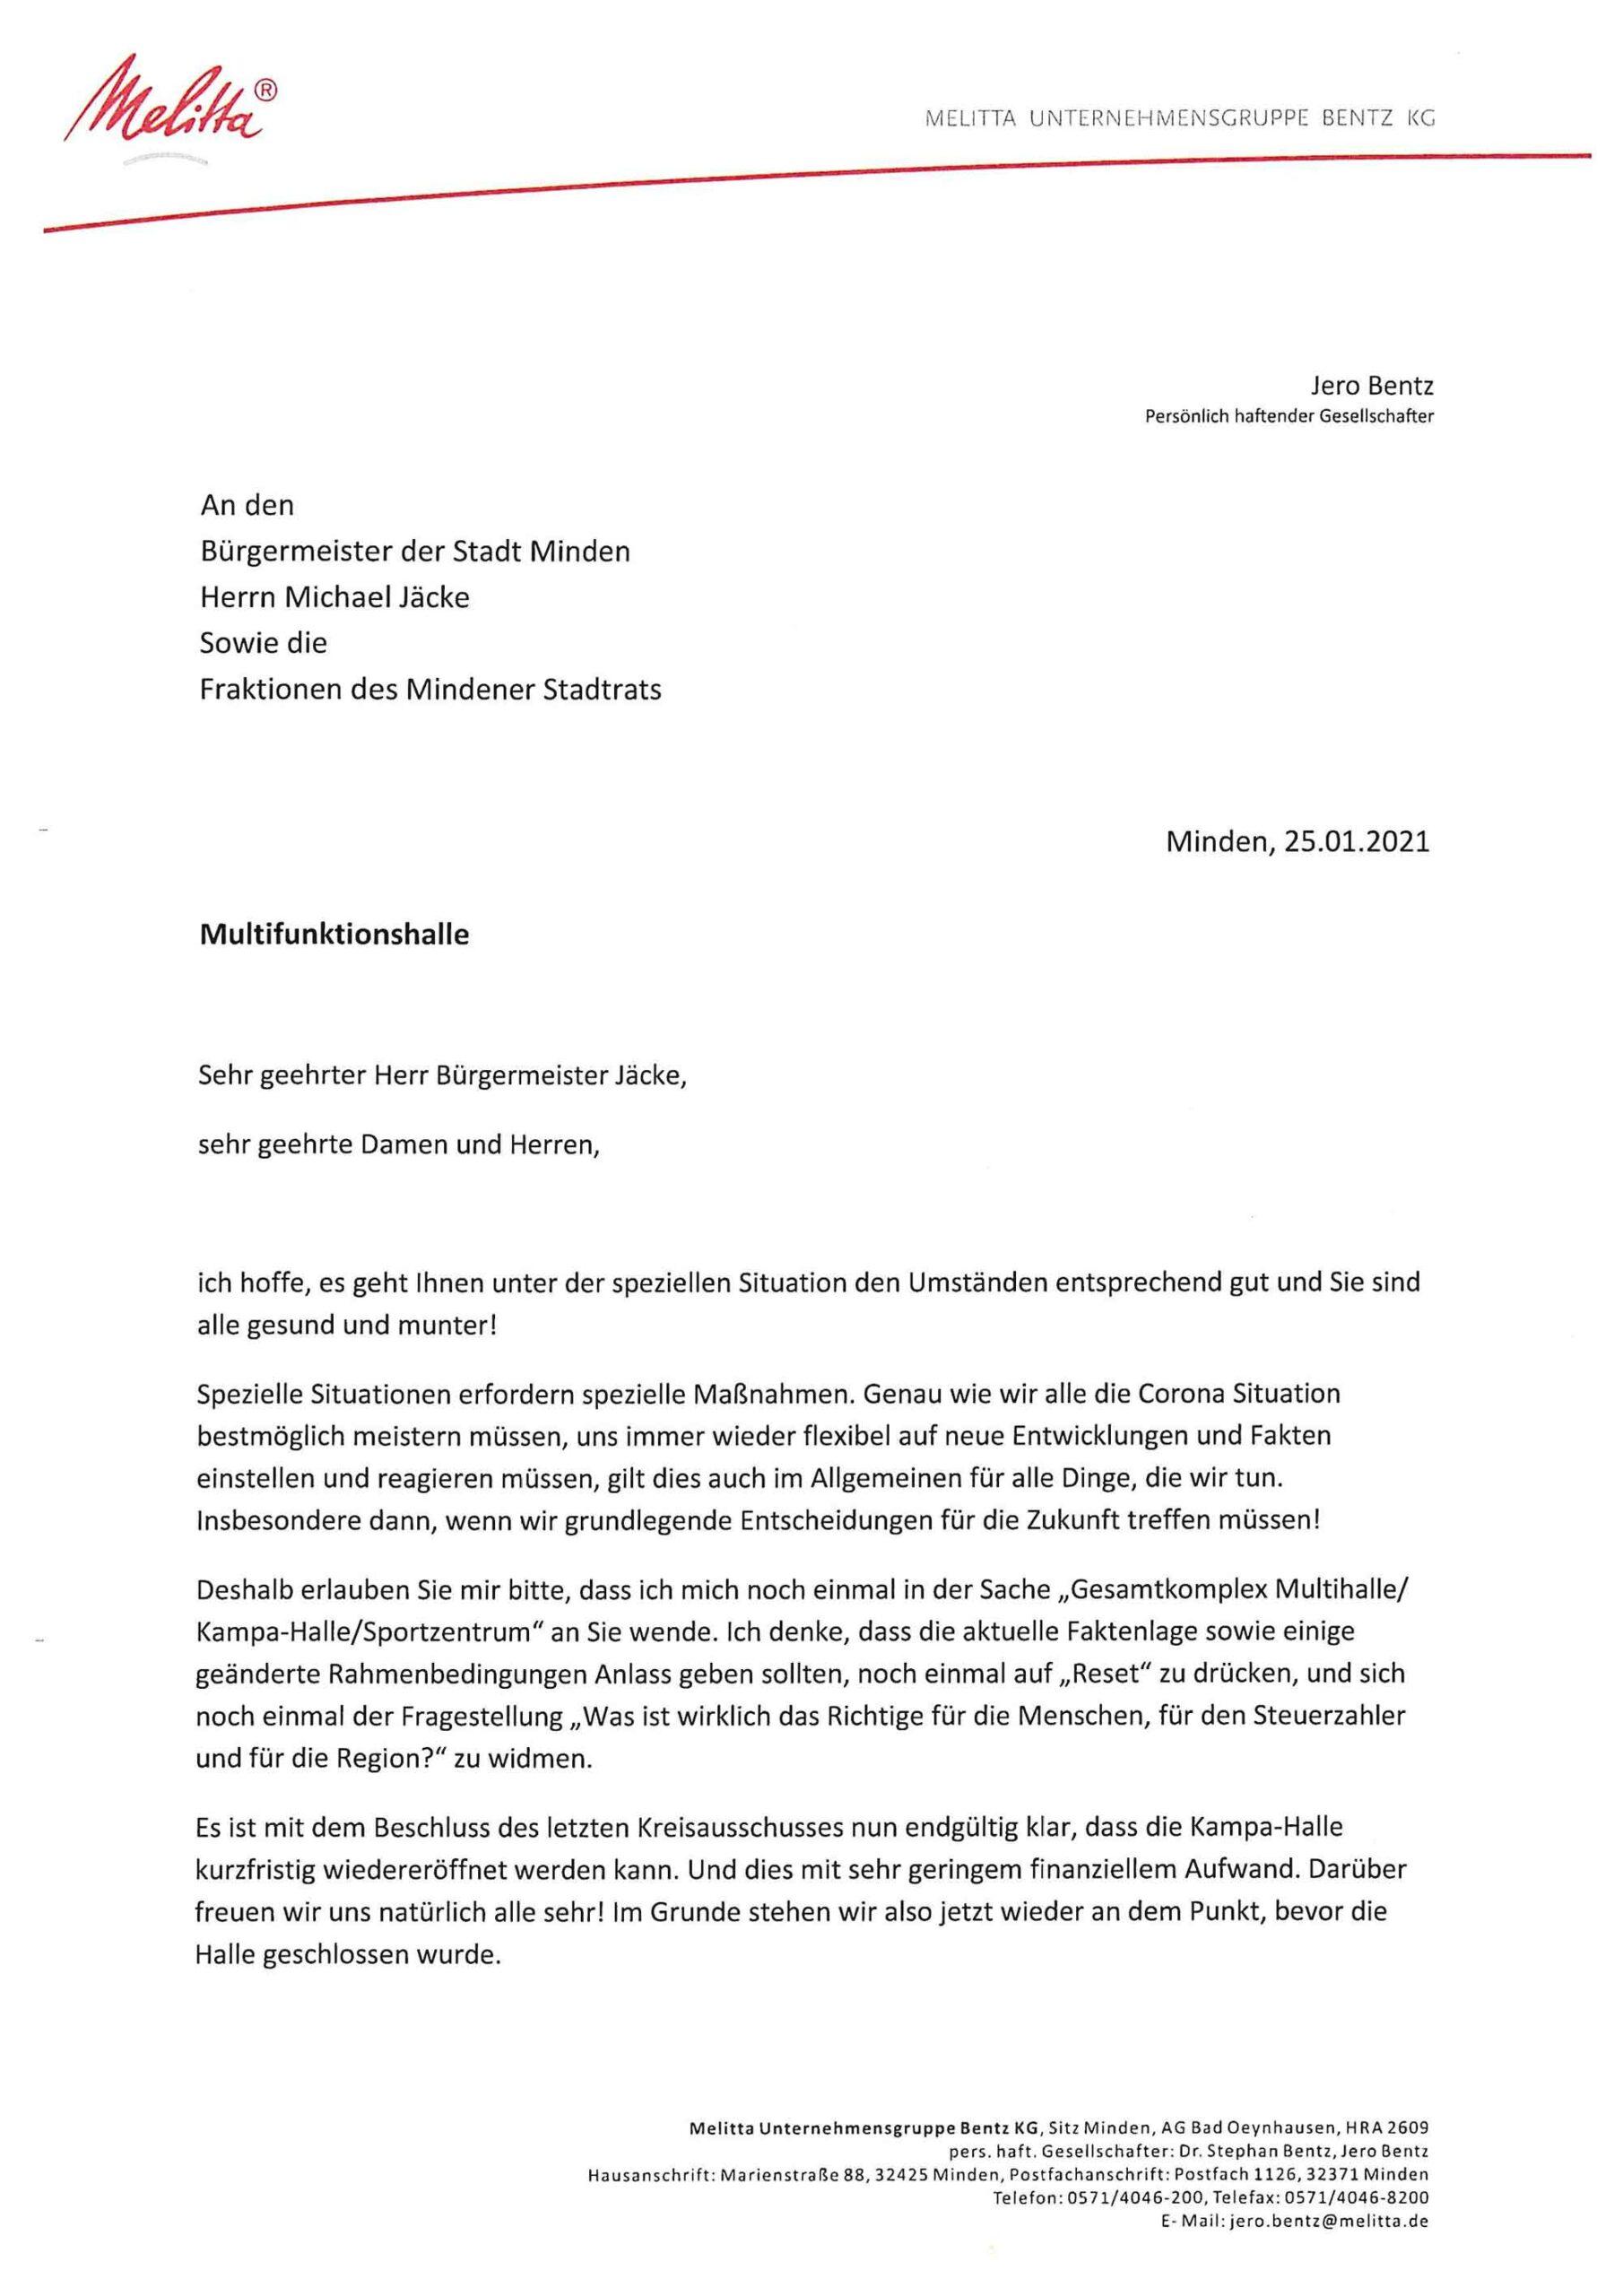 Seite 1 des Briefs von jero bentz an Bürgermeister und Stadrat